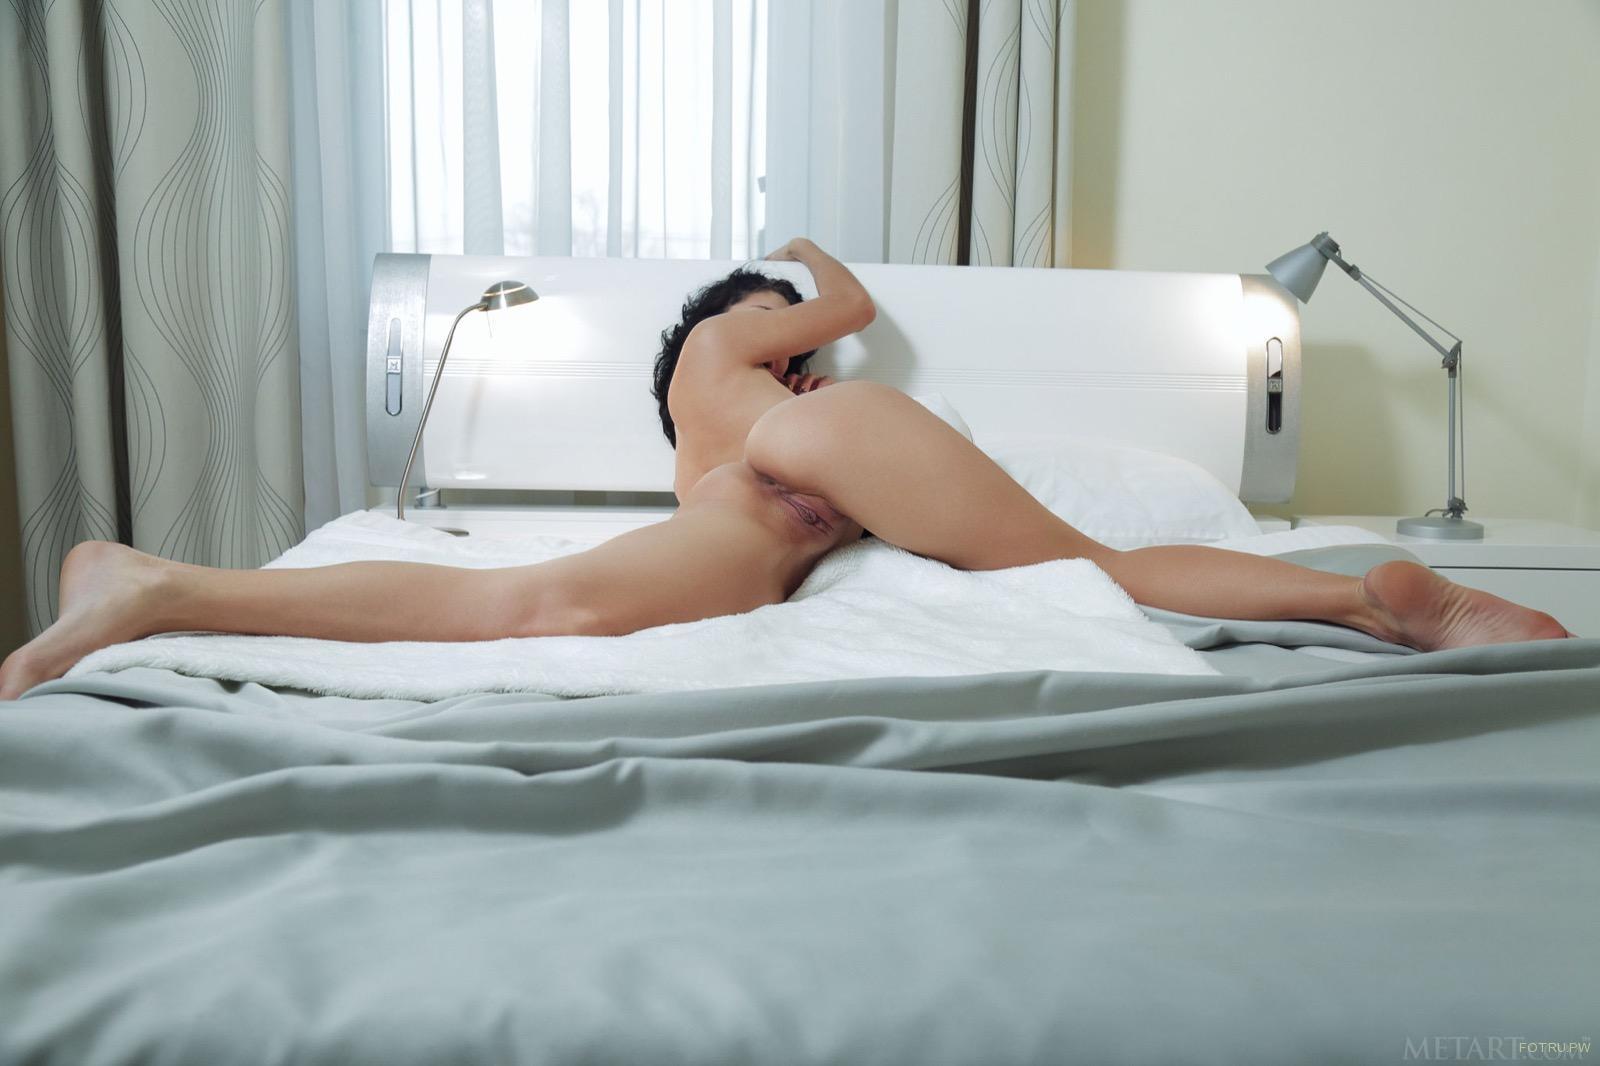 фото медленное раздевание на кровати